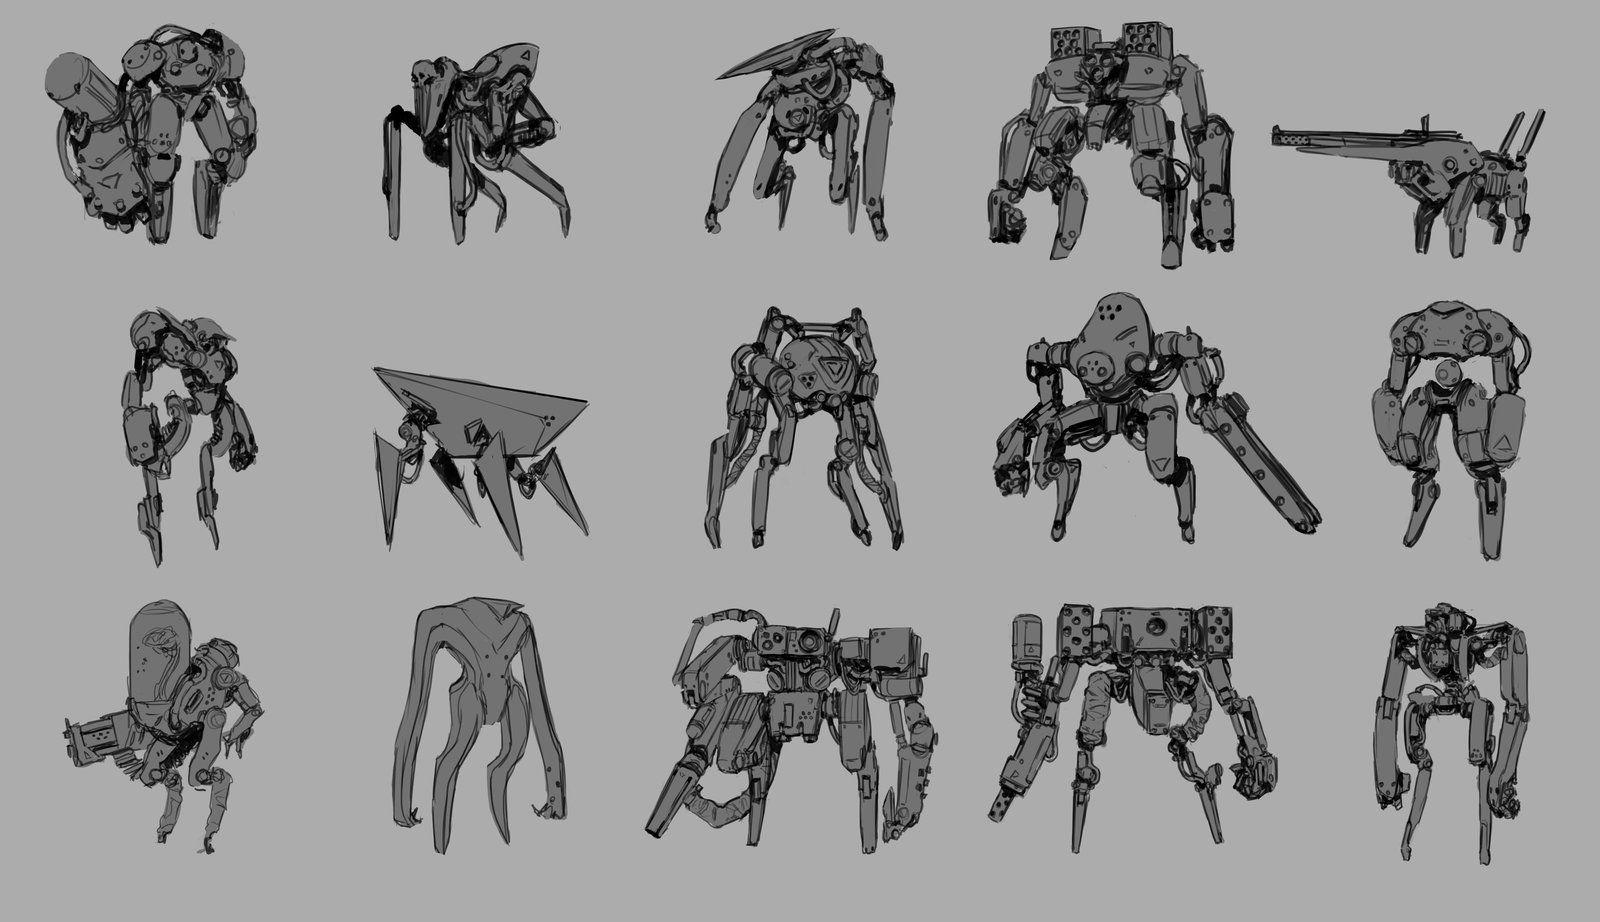 R.i.B.O.T. sketches, Ryan Gitter on ArtStation at https://www.artstation.com/artwork/r-i-b-o-t-sketches